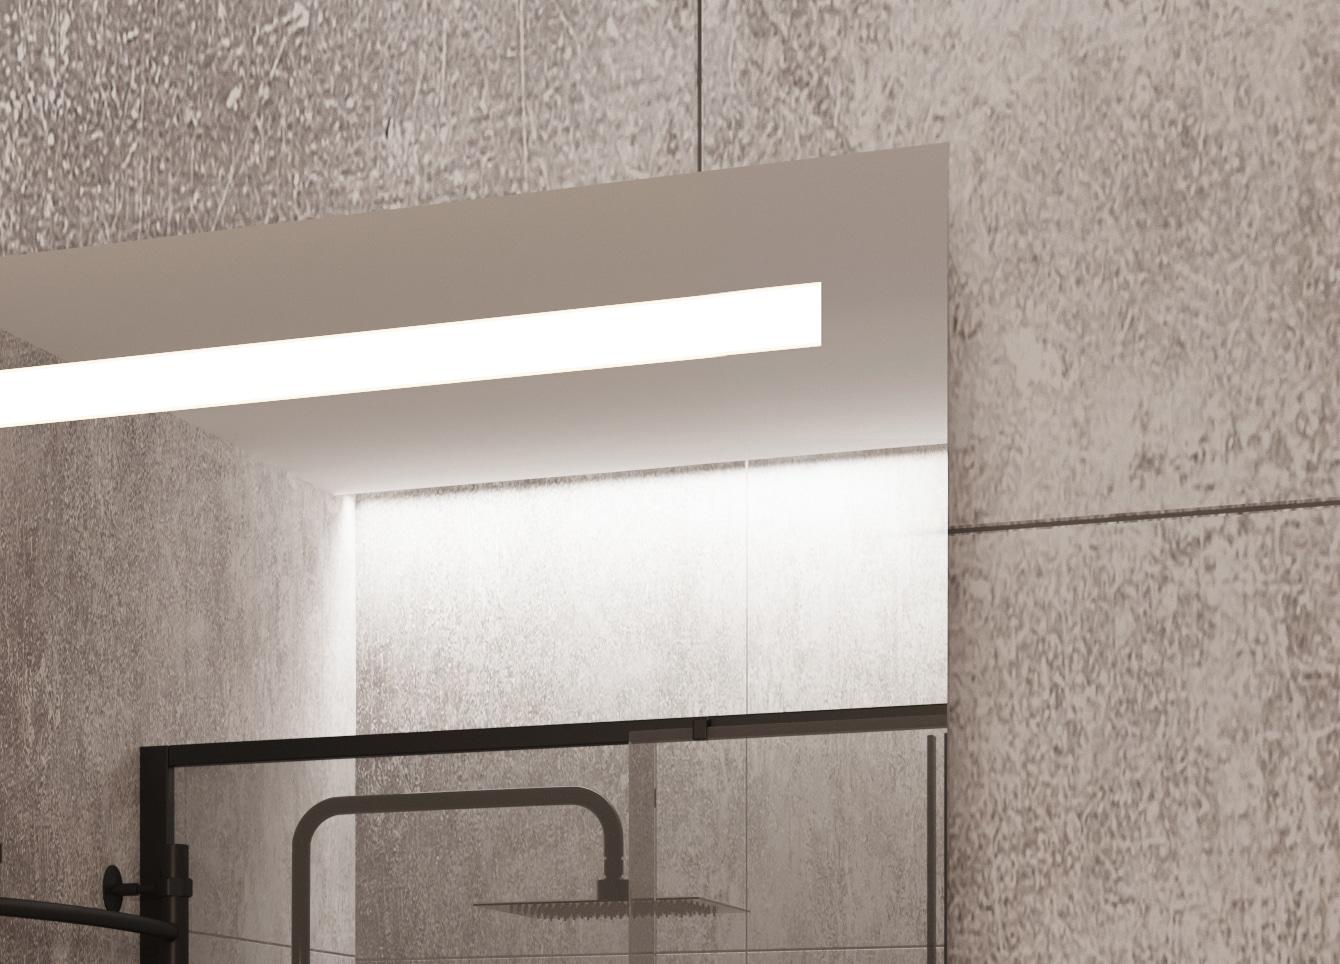 Bovenkant spiegel met ingebouwde led verlichting